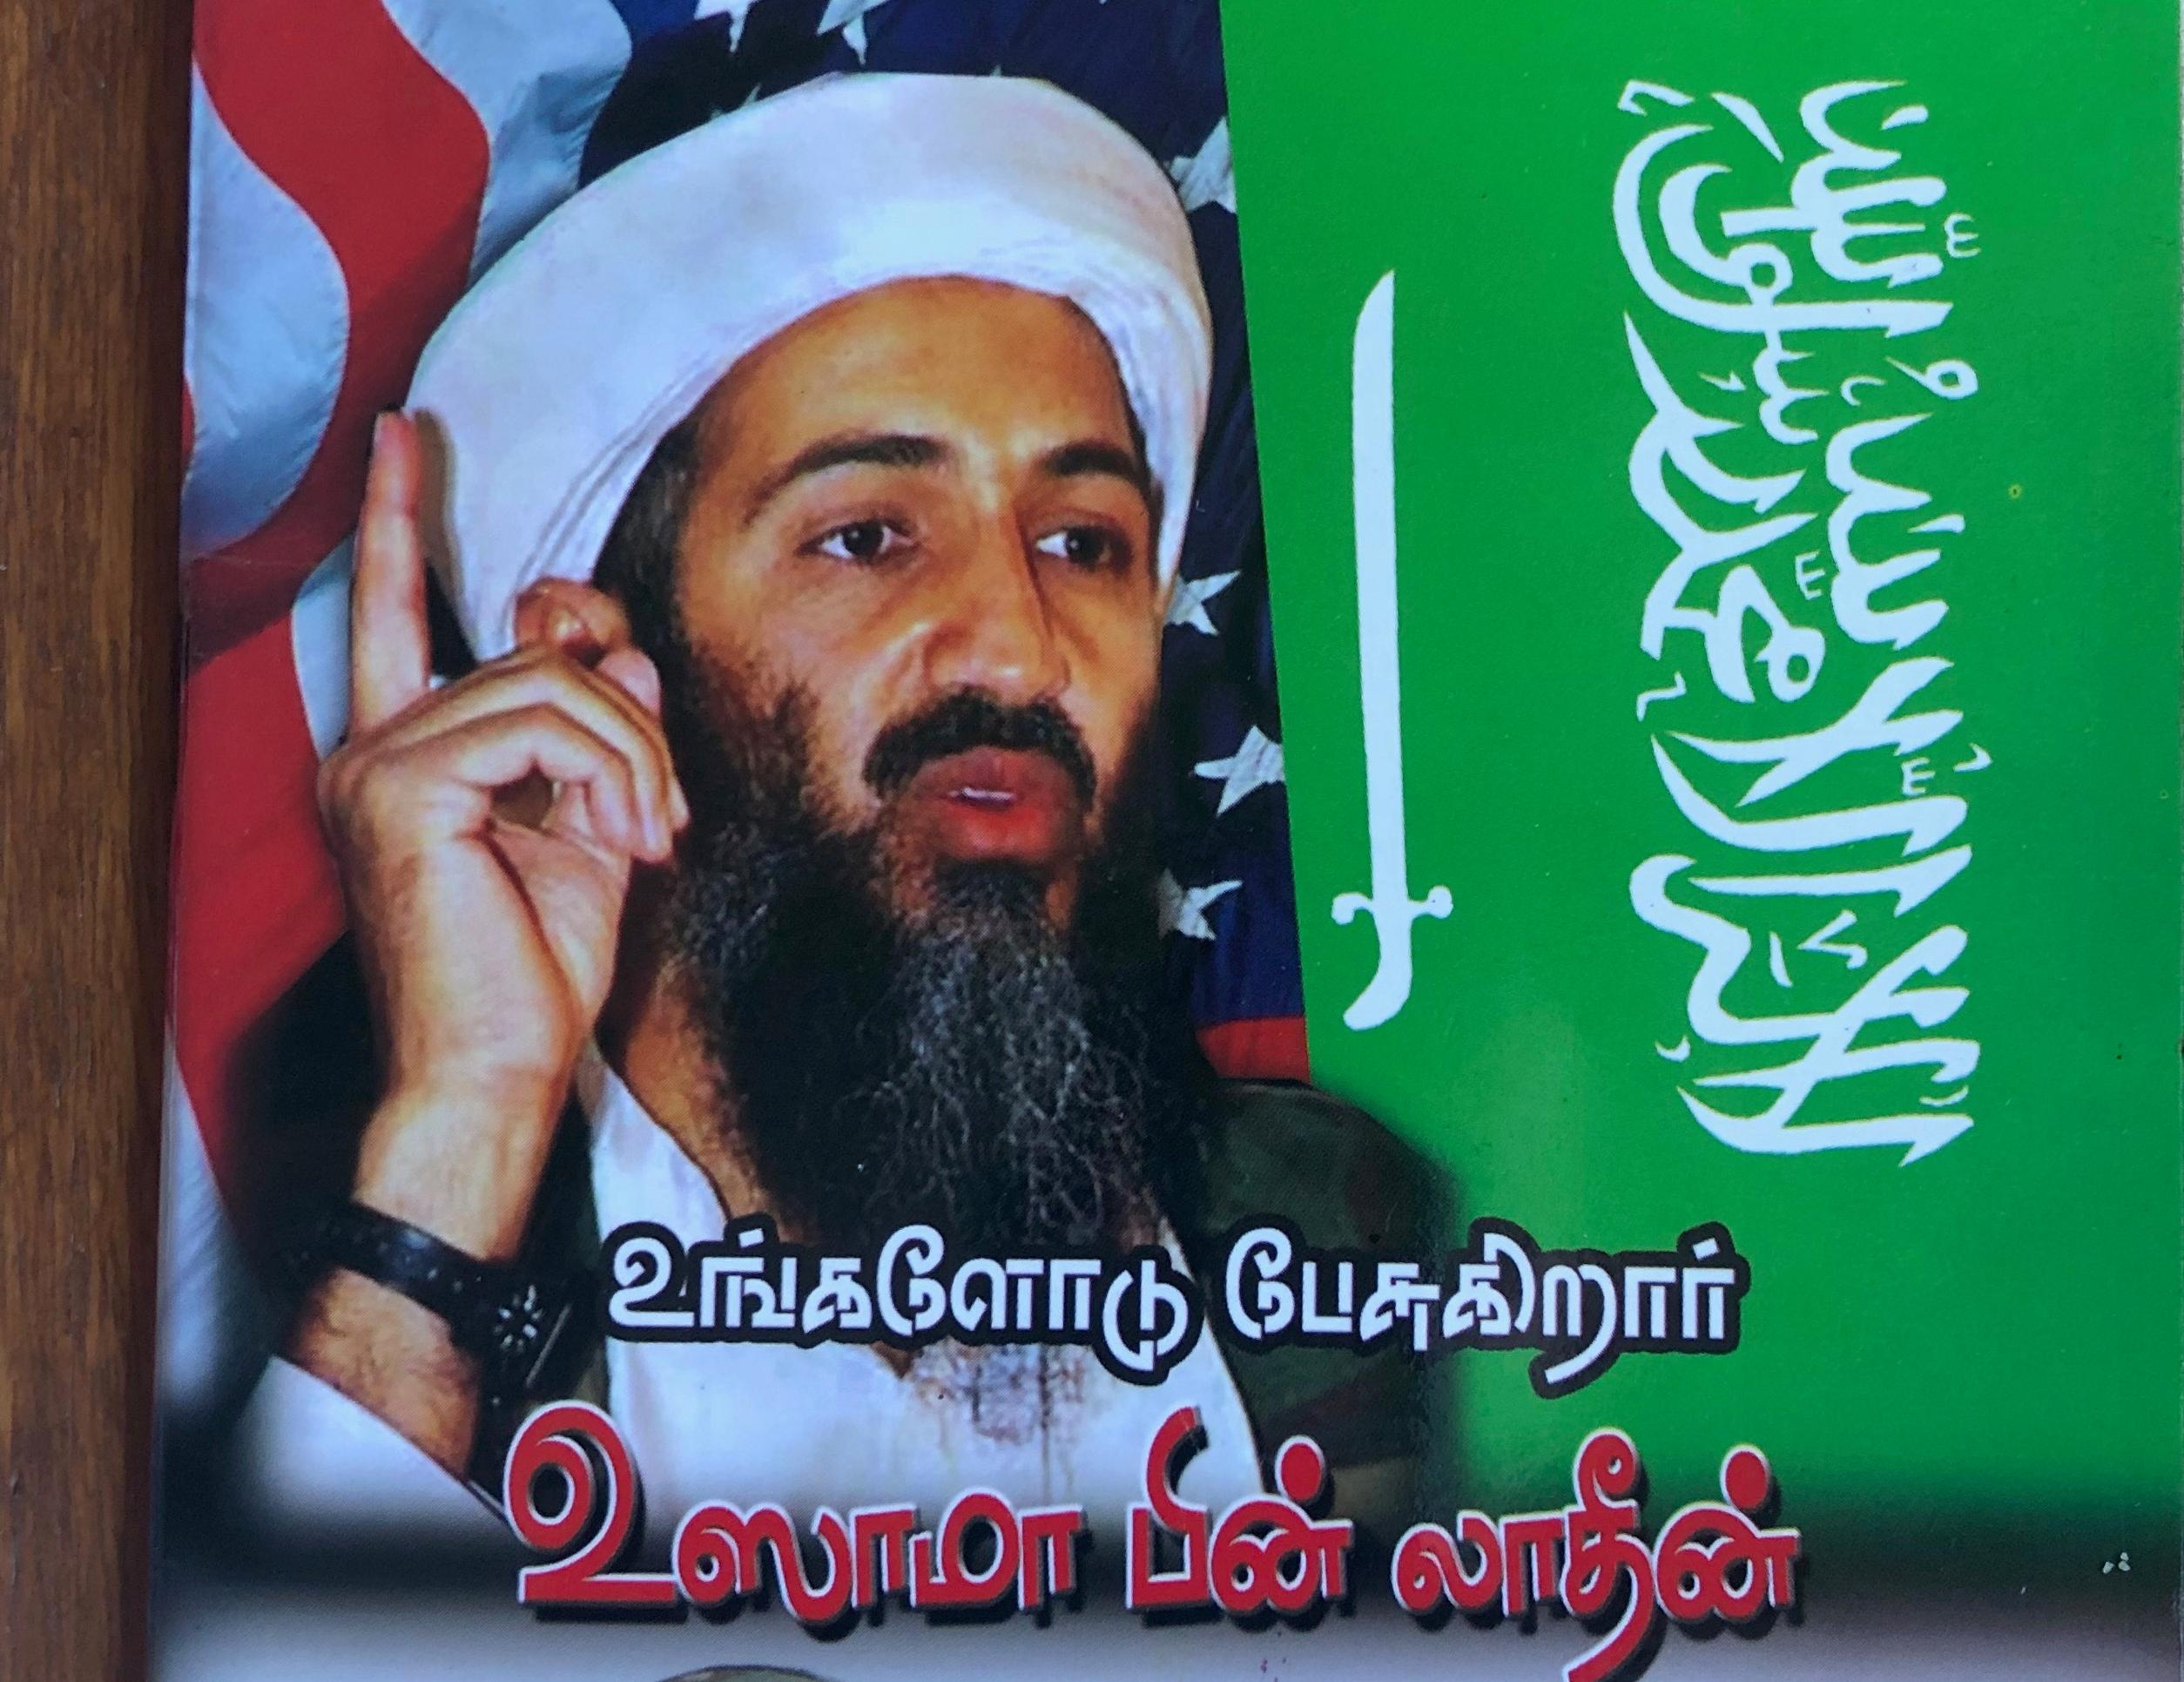 Переведенные на тамильский язык речи Усамы бен Ладена в одной из мечетей Шри-Ланки / The Conversation / Andreas Johansson